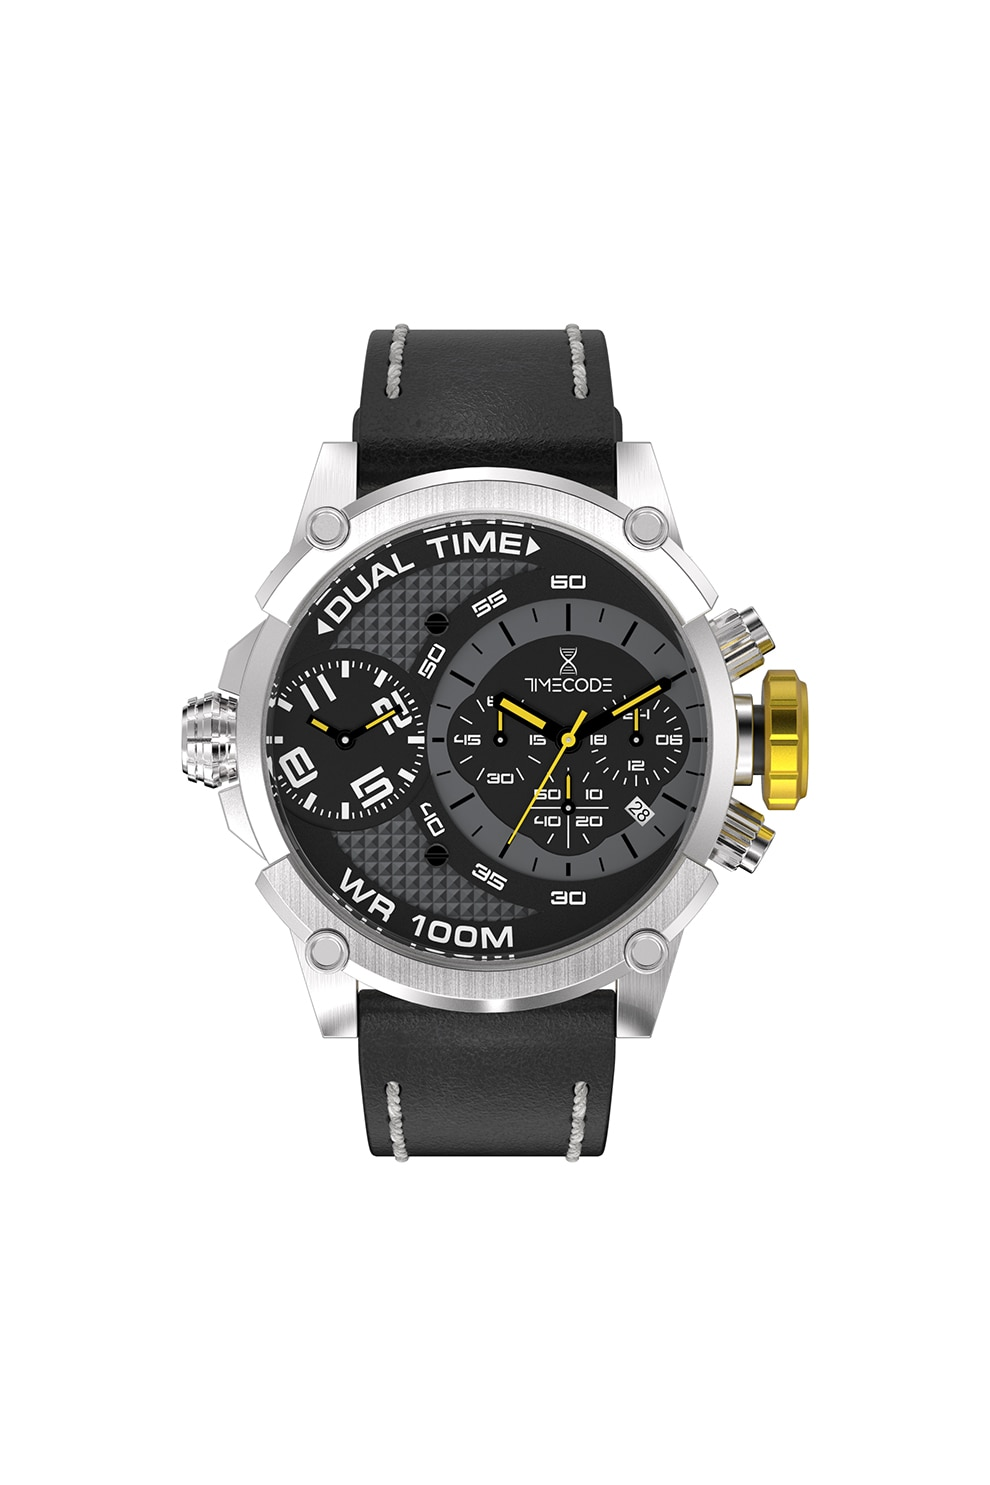 Fotografie Timecode, Ceas cronograf cu o curea de piele, Negru